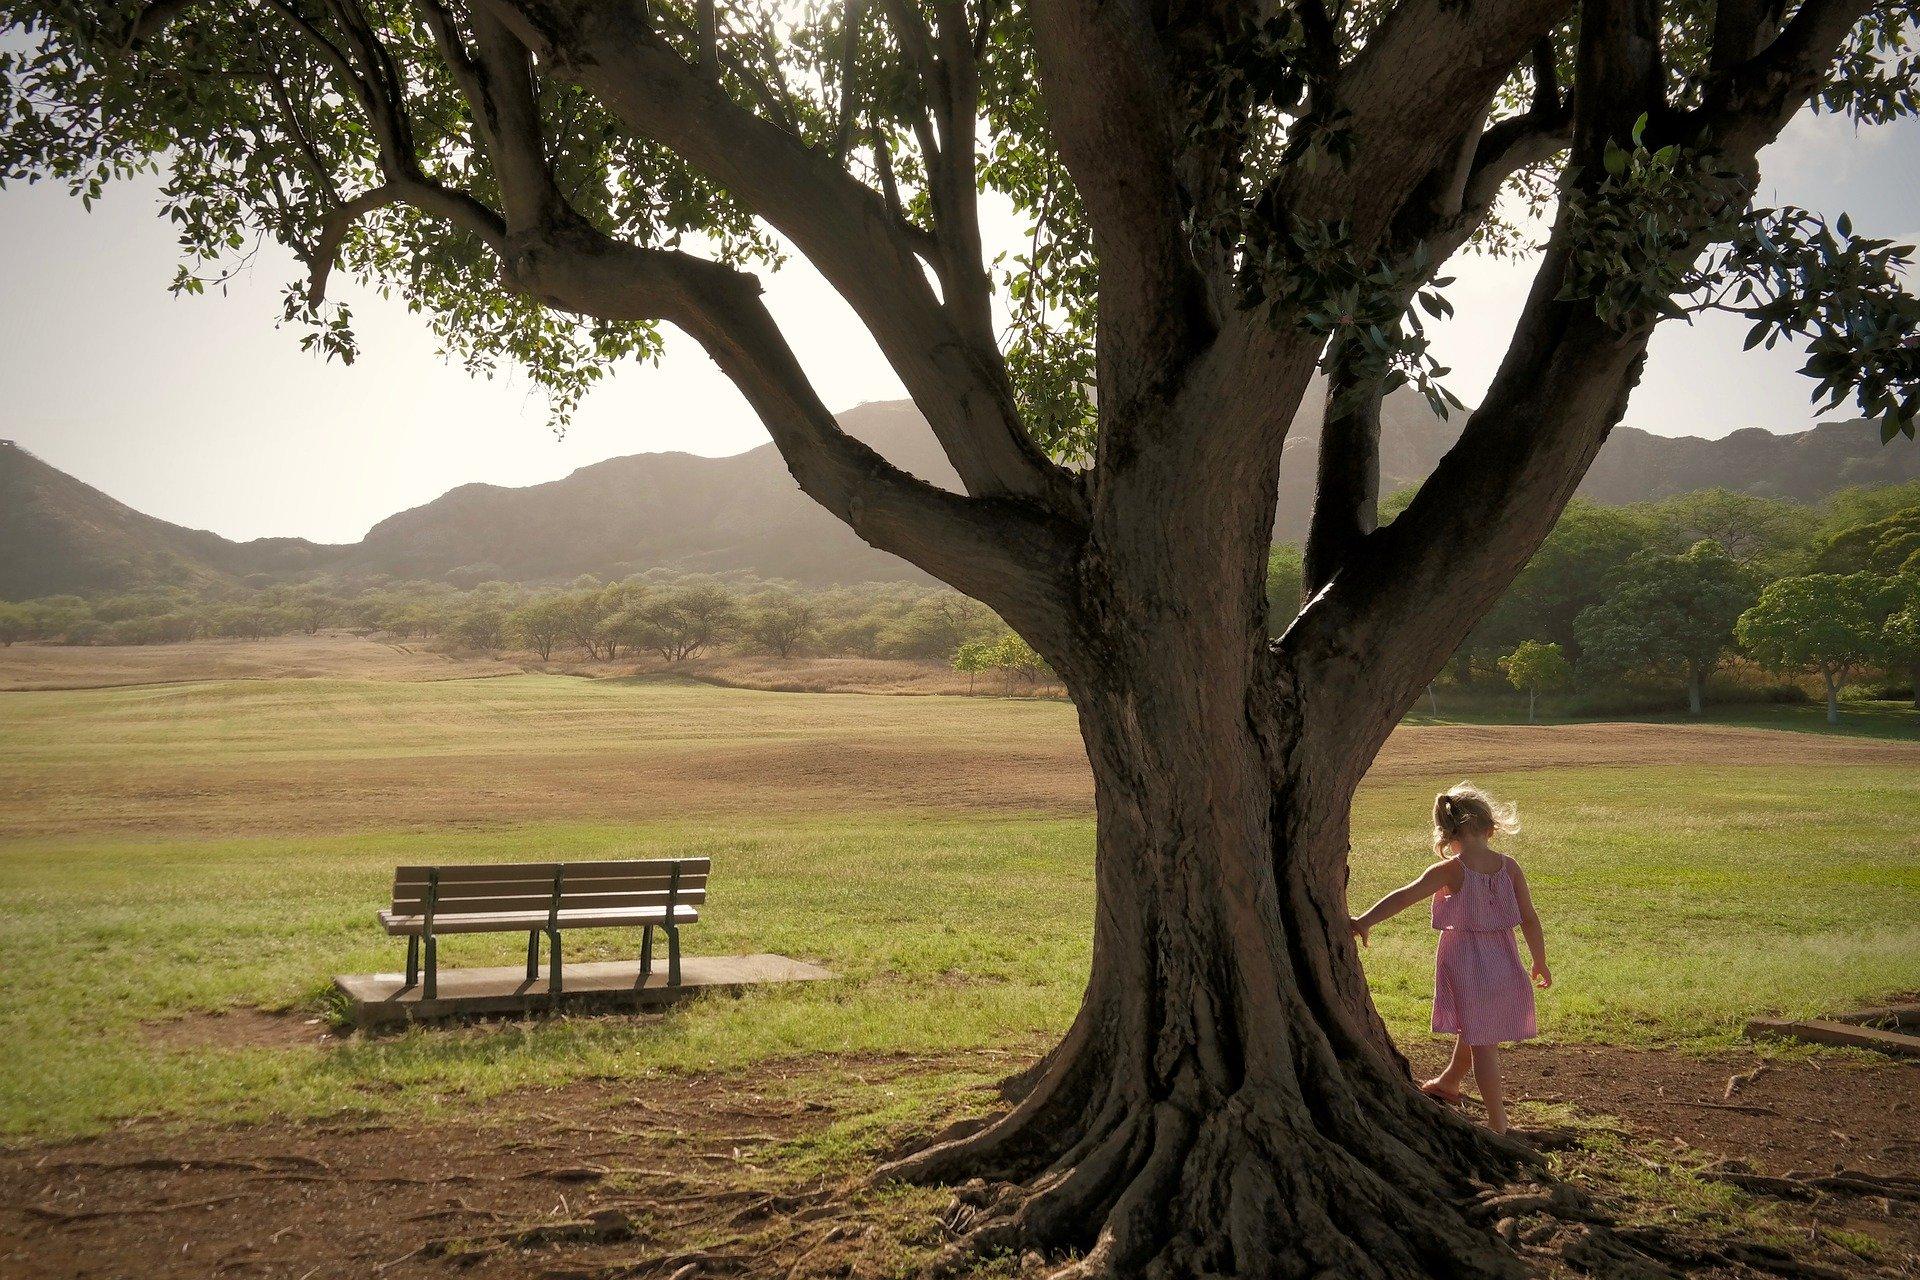 Goutte d'inspiration 19 - Auprès de nos arbres